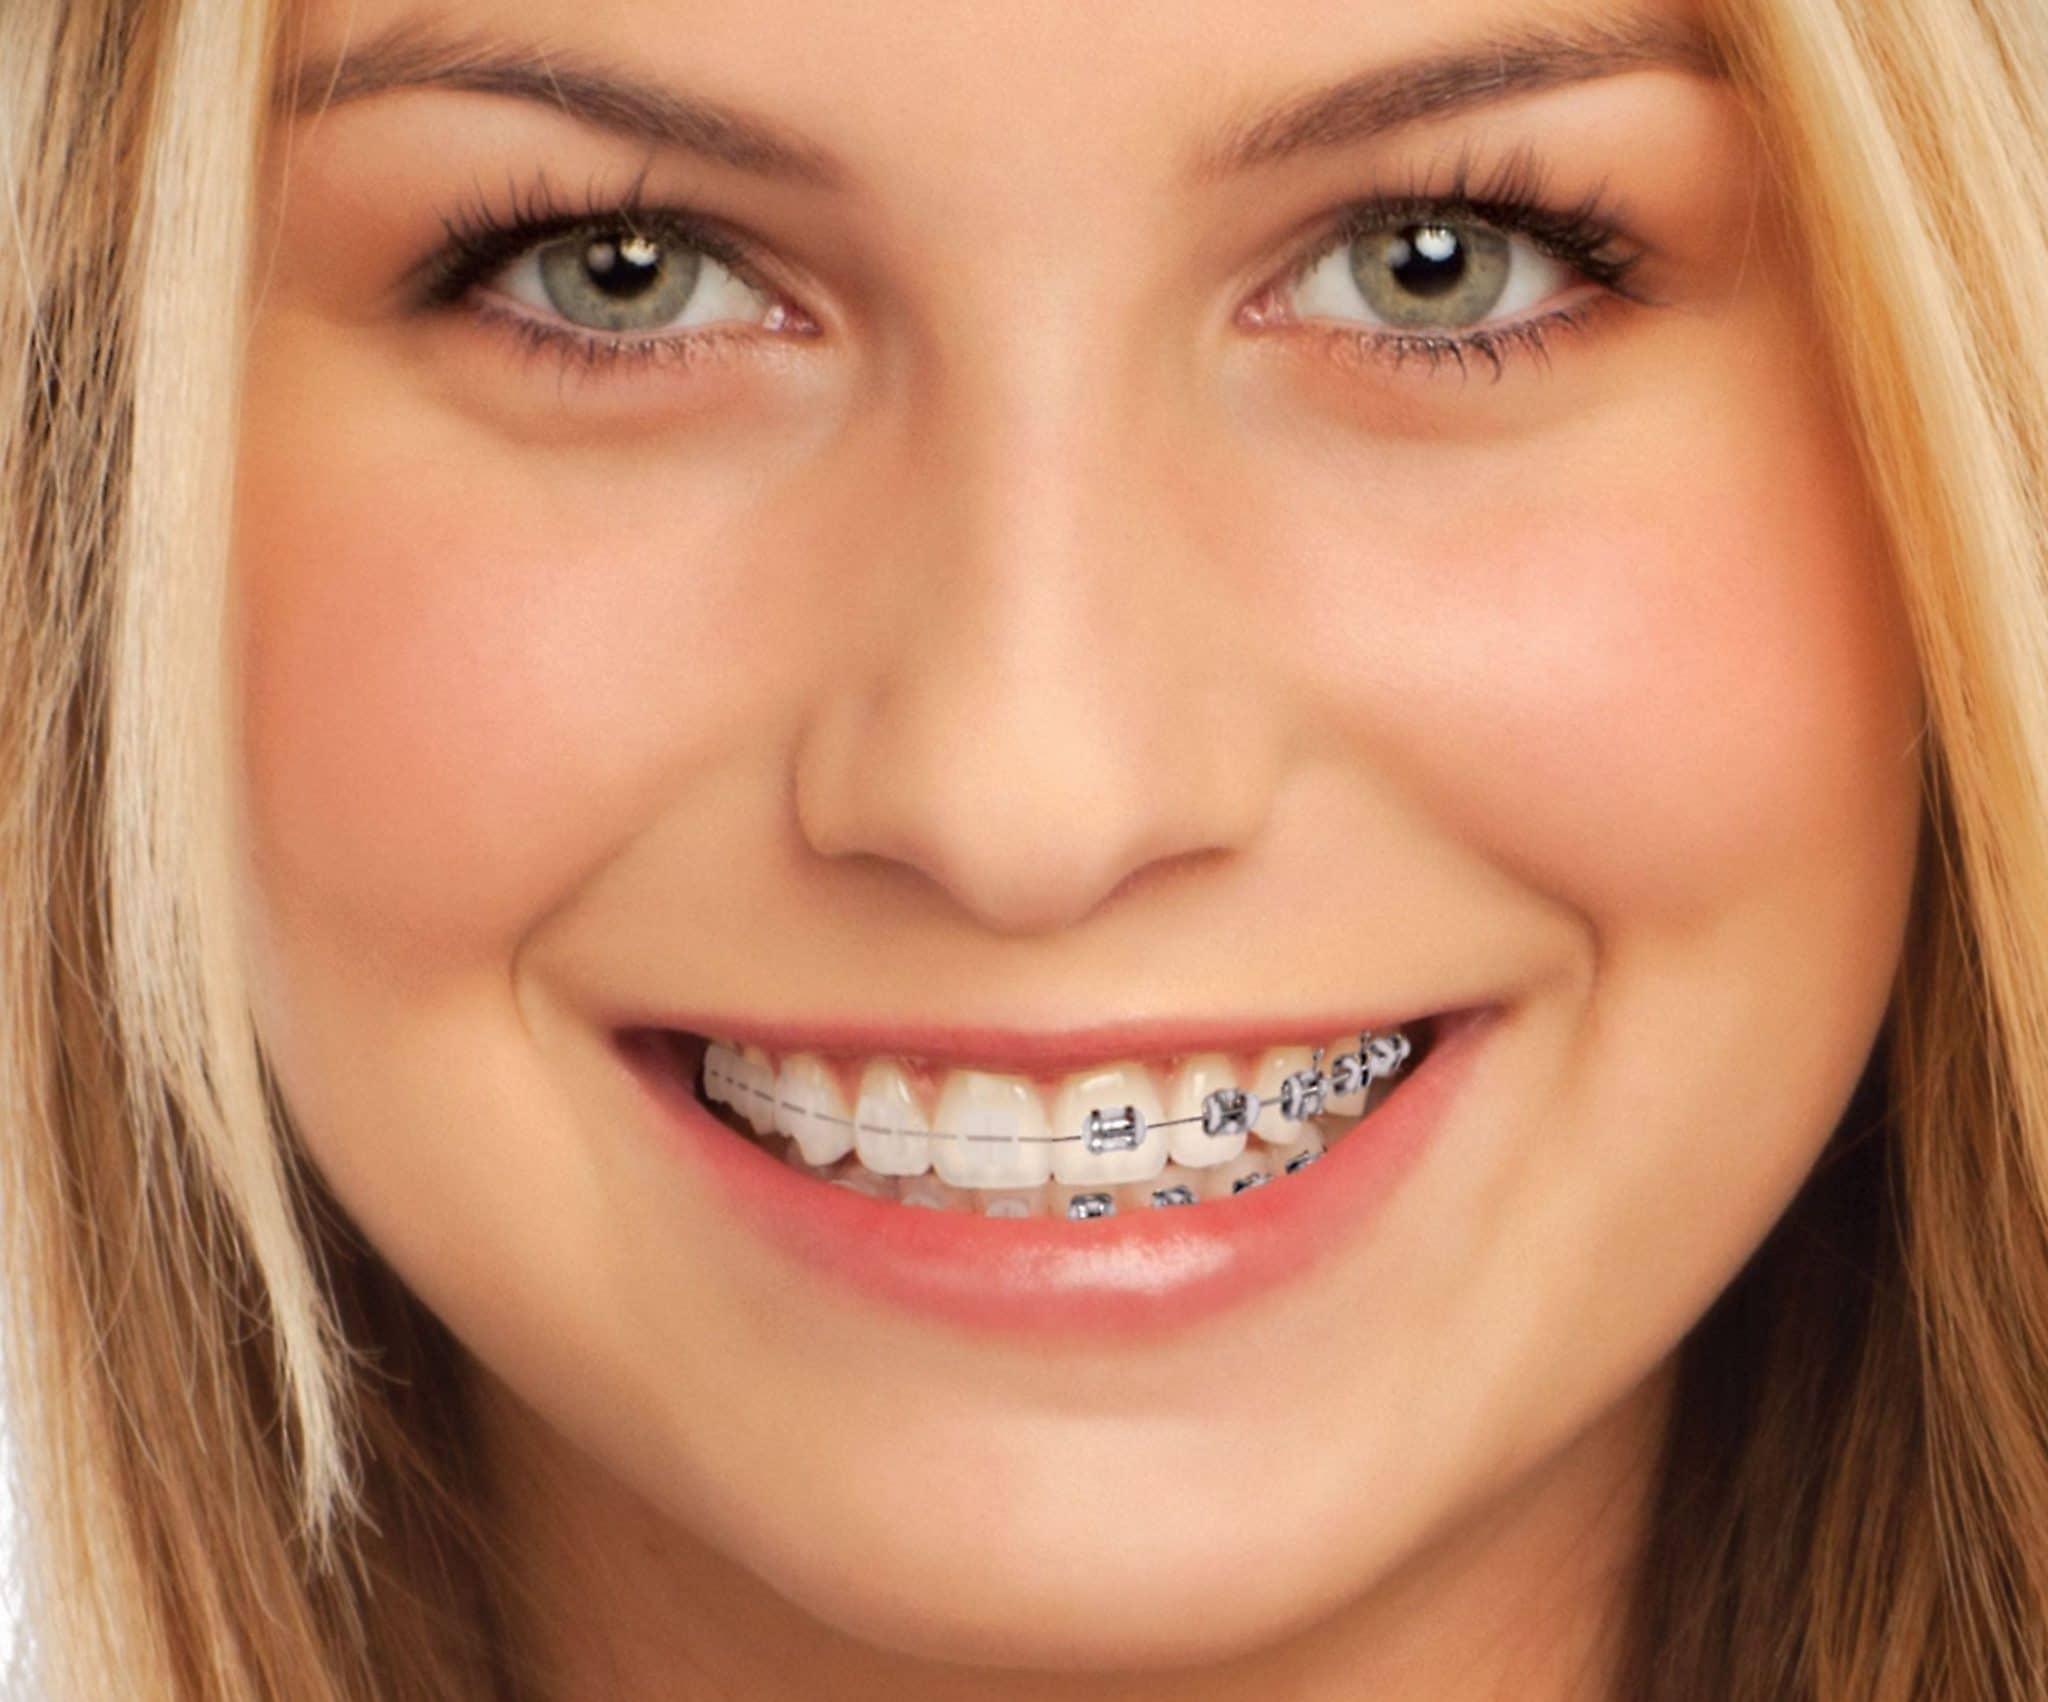 parentesi-zeramika-ortodontzia-klinikoa-hortz-madrideko irudia